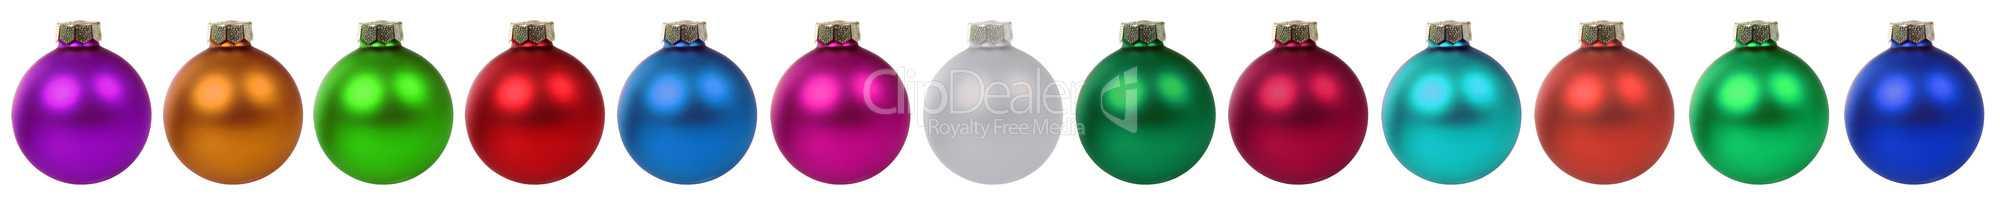 Weihnachten viele bunte Weihnachtskugeln Dekoration Freisteller